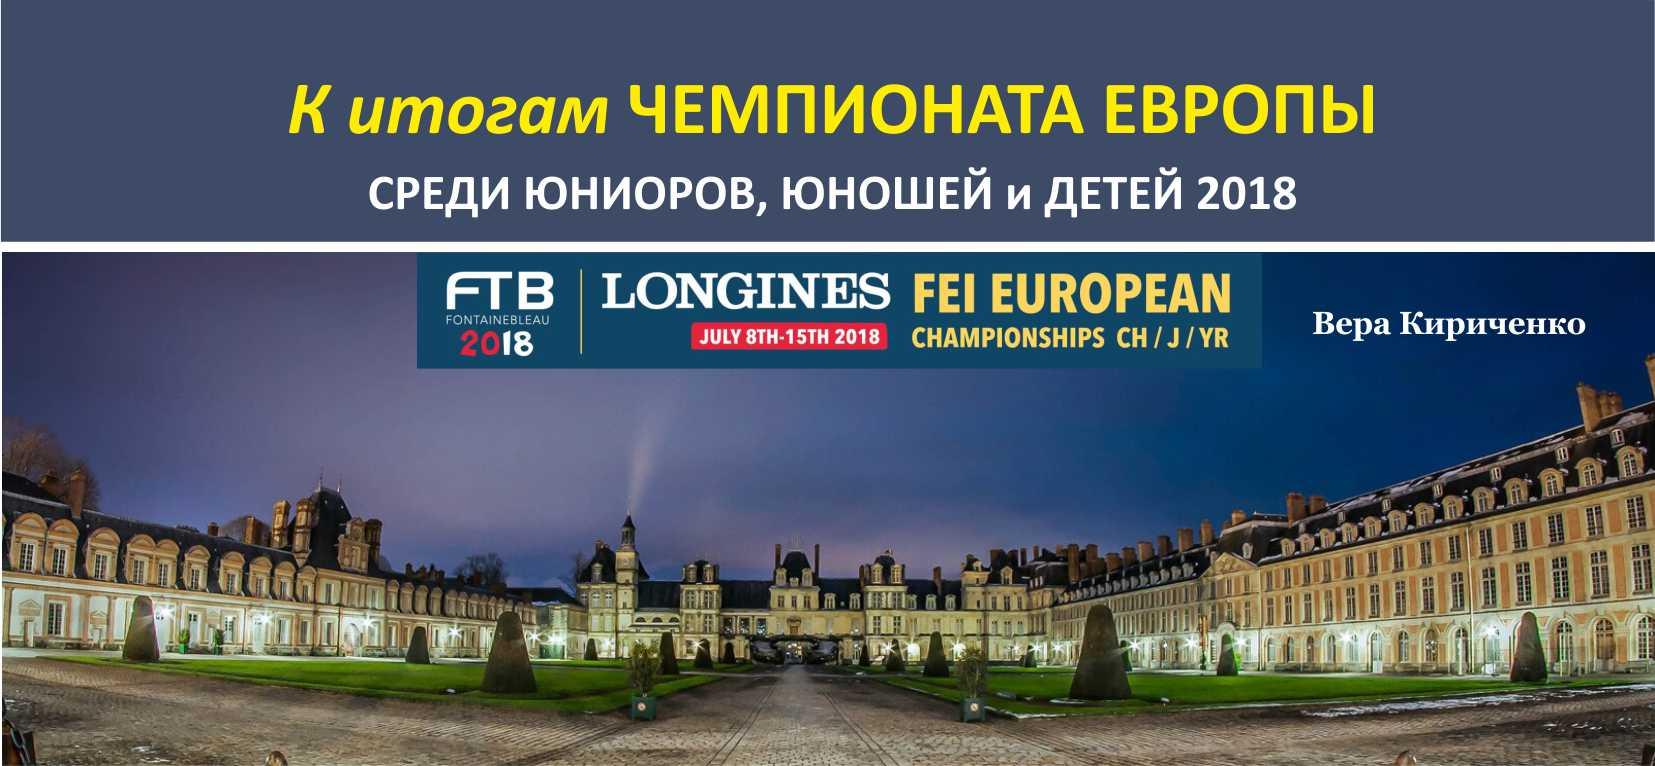 К итогам Чемпионата Европы  среди юниоров, юношей и детей 2018_ (выпуск журнала №41)